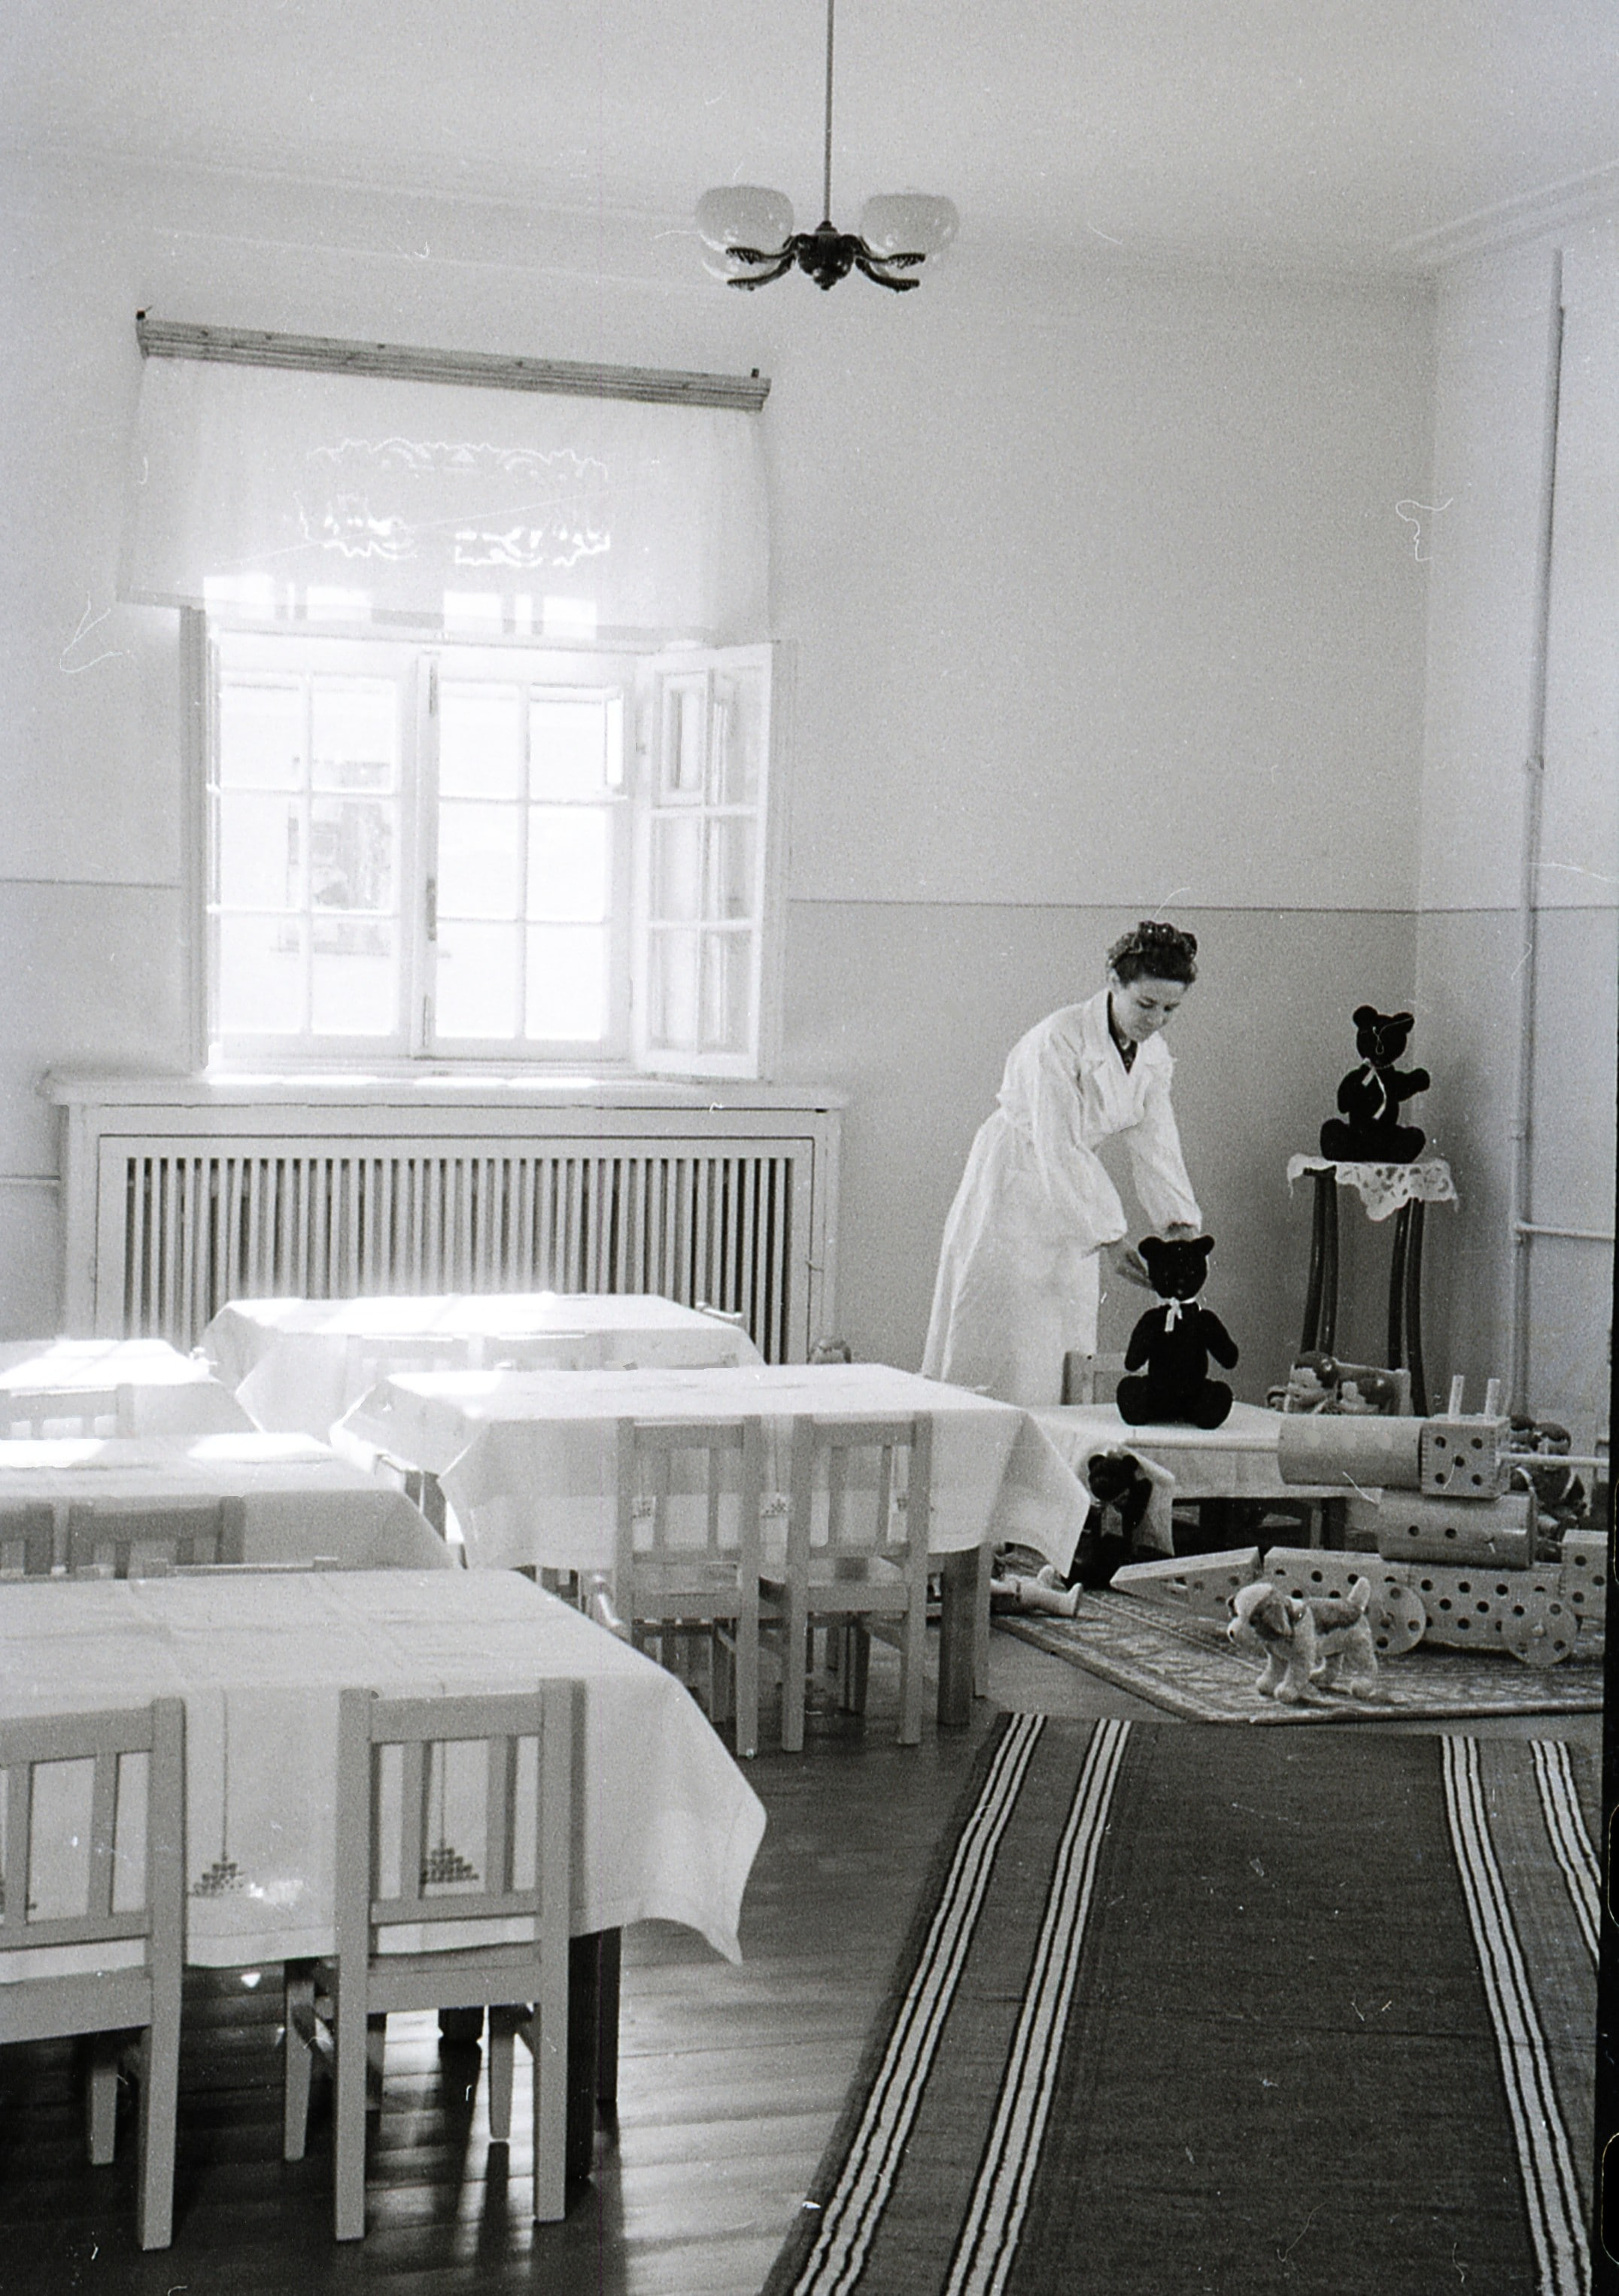 Детский сад № 66. Воспитательница П.П. Зарекаева готовится к приему детей. 16.02.1952.-min